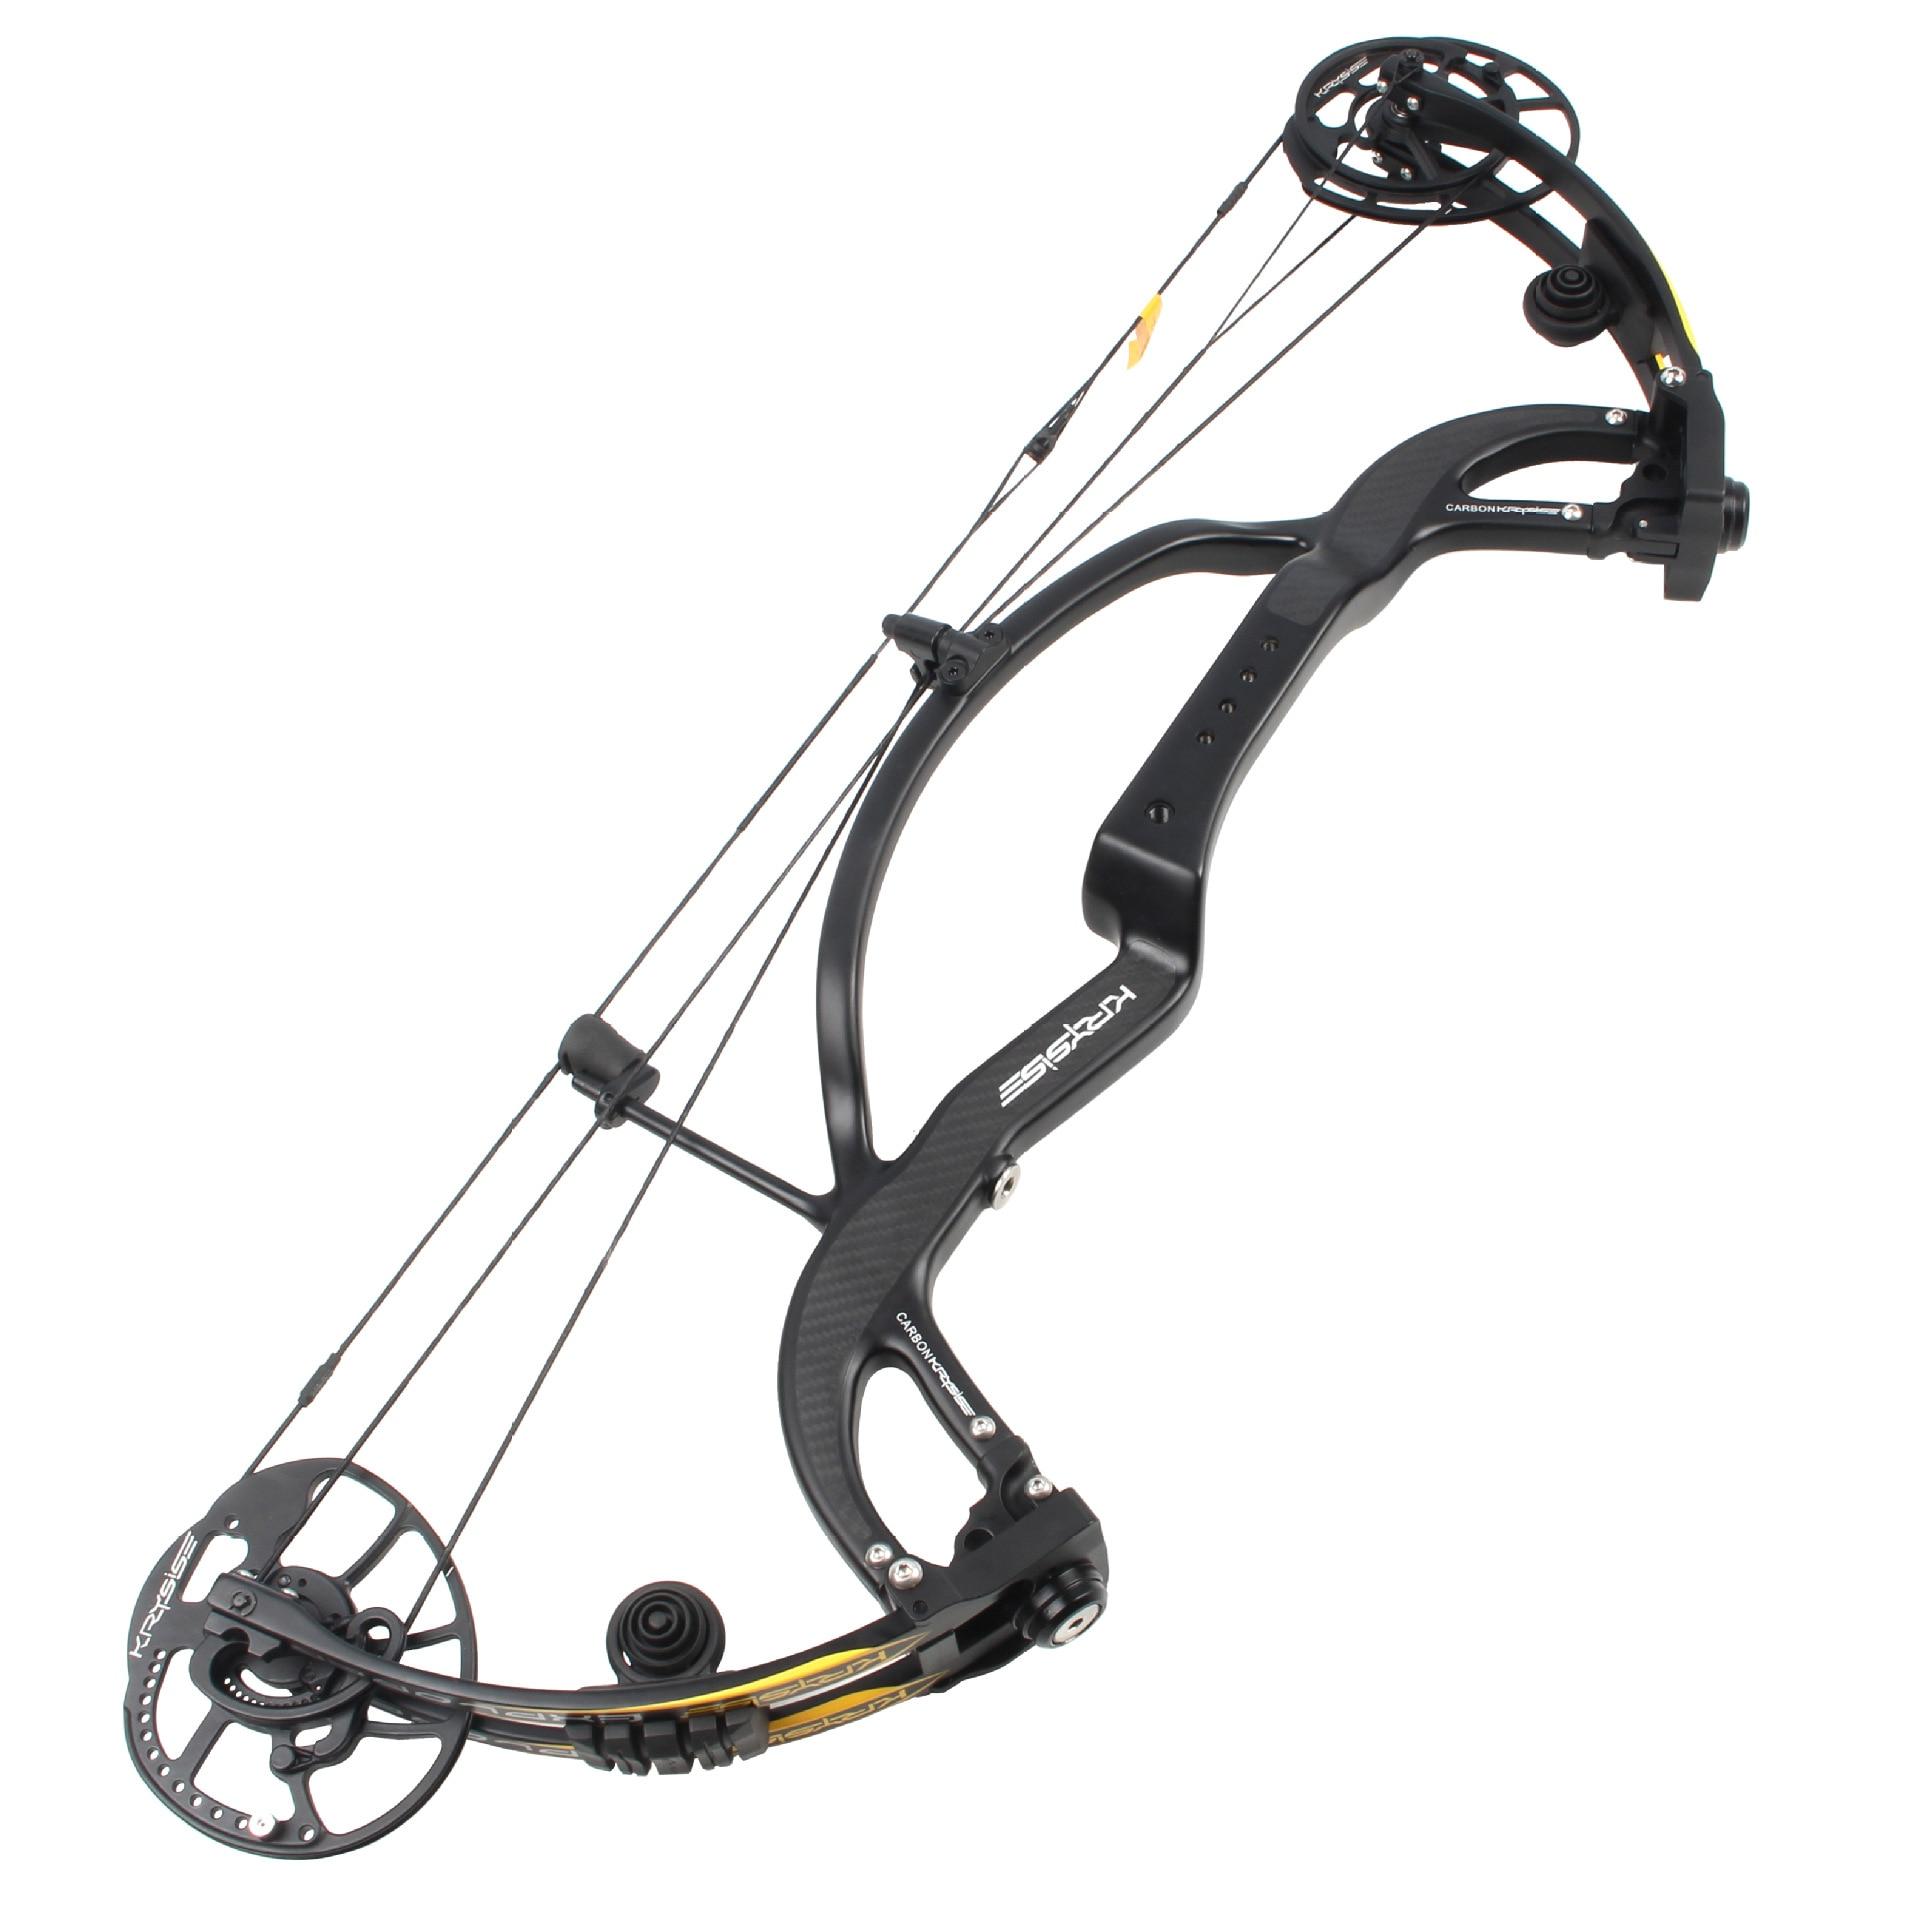 Linkboy tir à l'arc pur Fiber de carbone composé arc prédateur 2 génération 50-65lbs essieu à essieu 32 pouces pour le tir de chasse